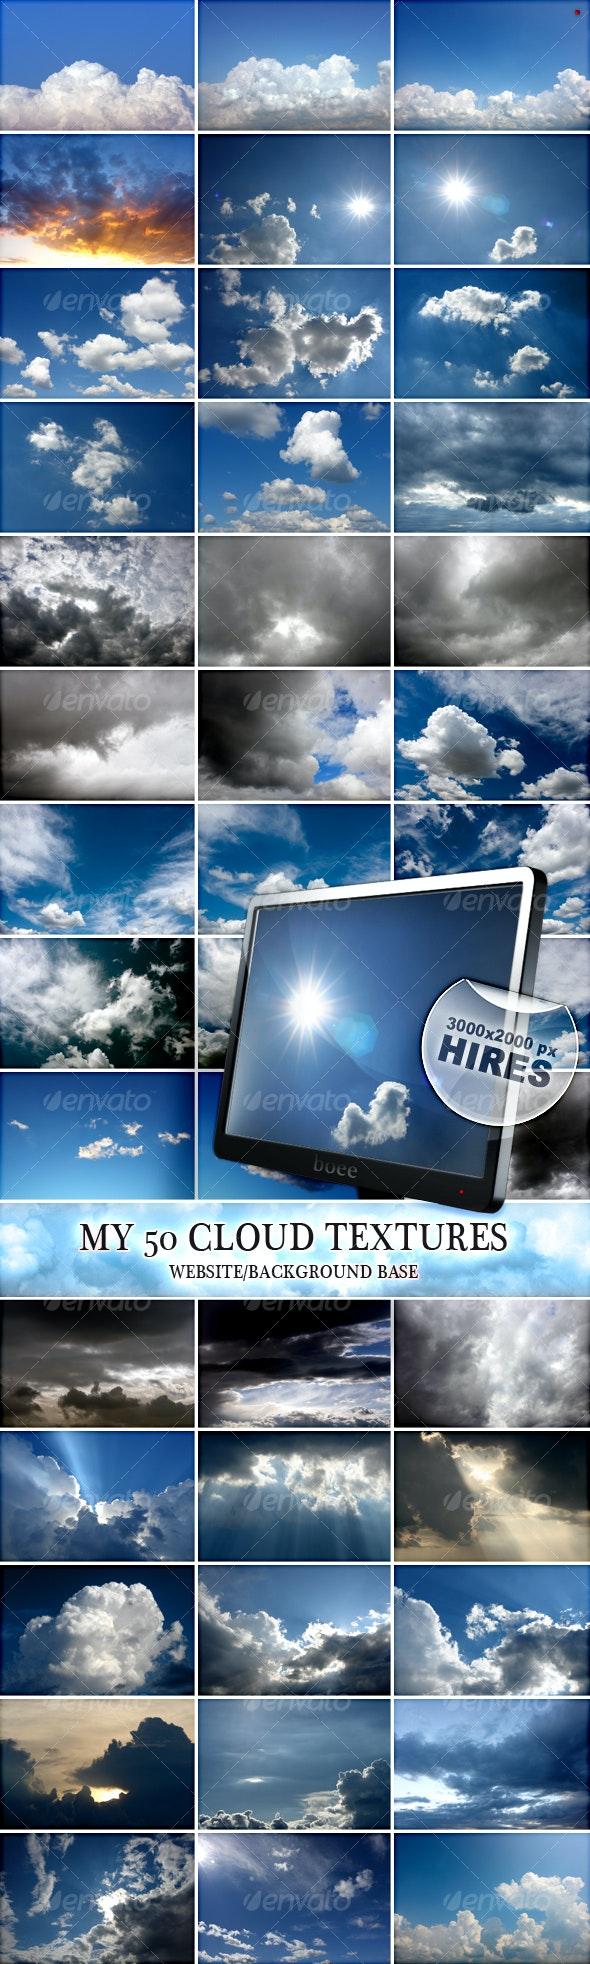 My 50 Cloud Textures - Nature Textures